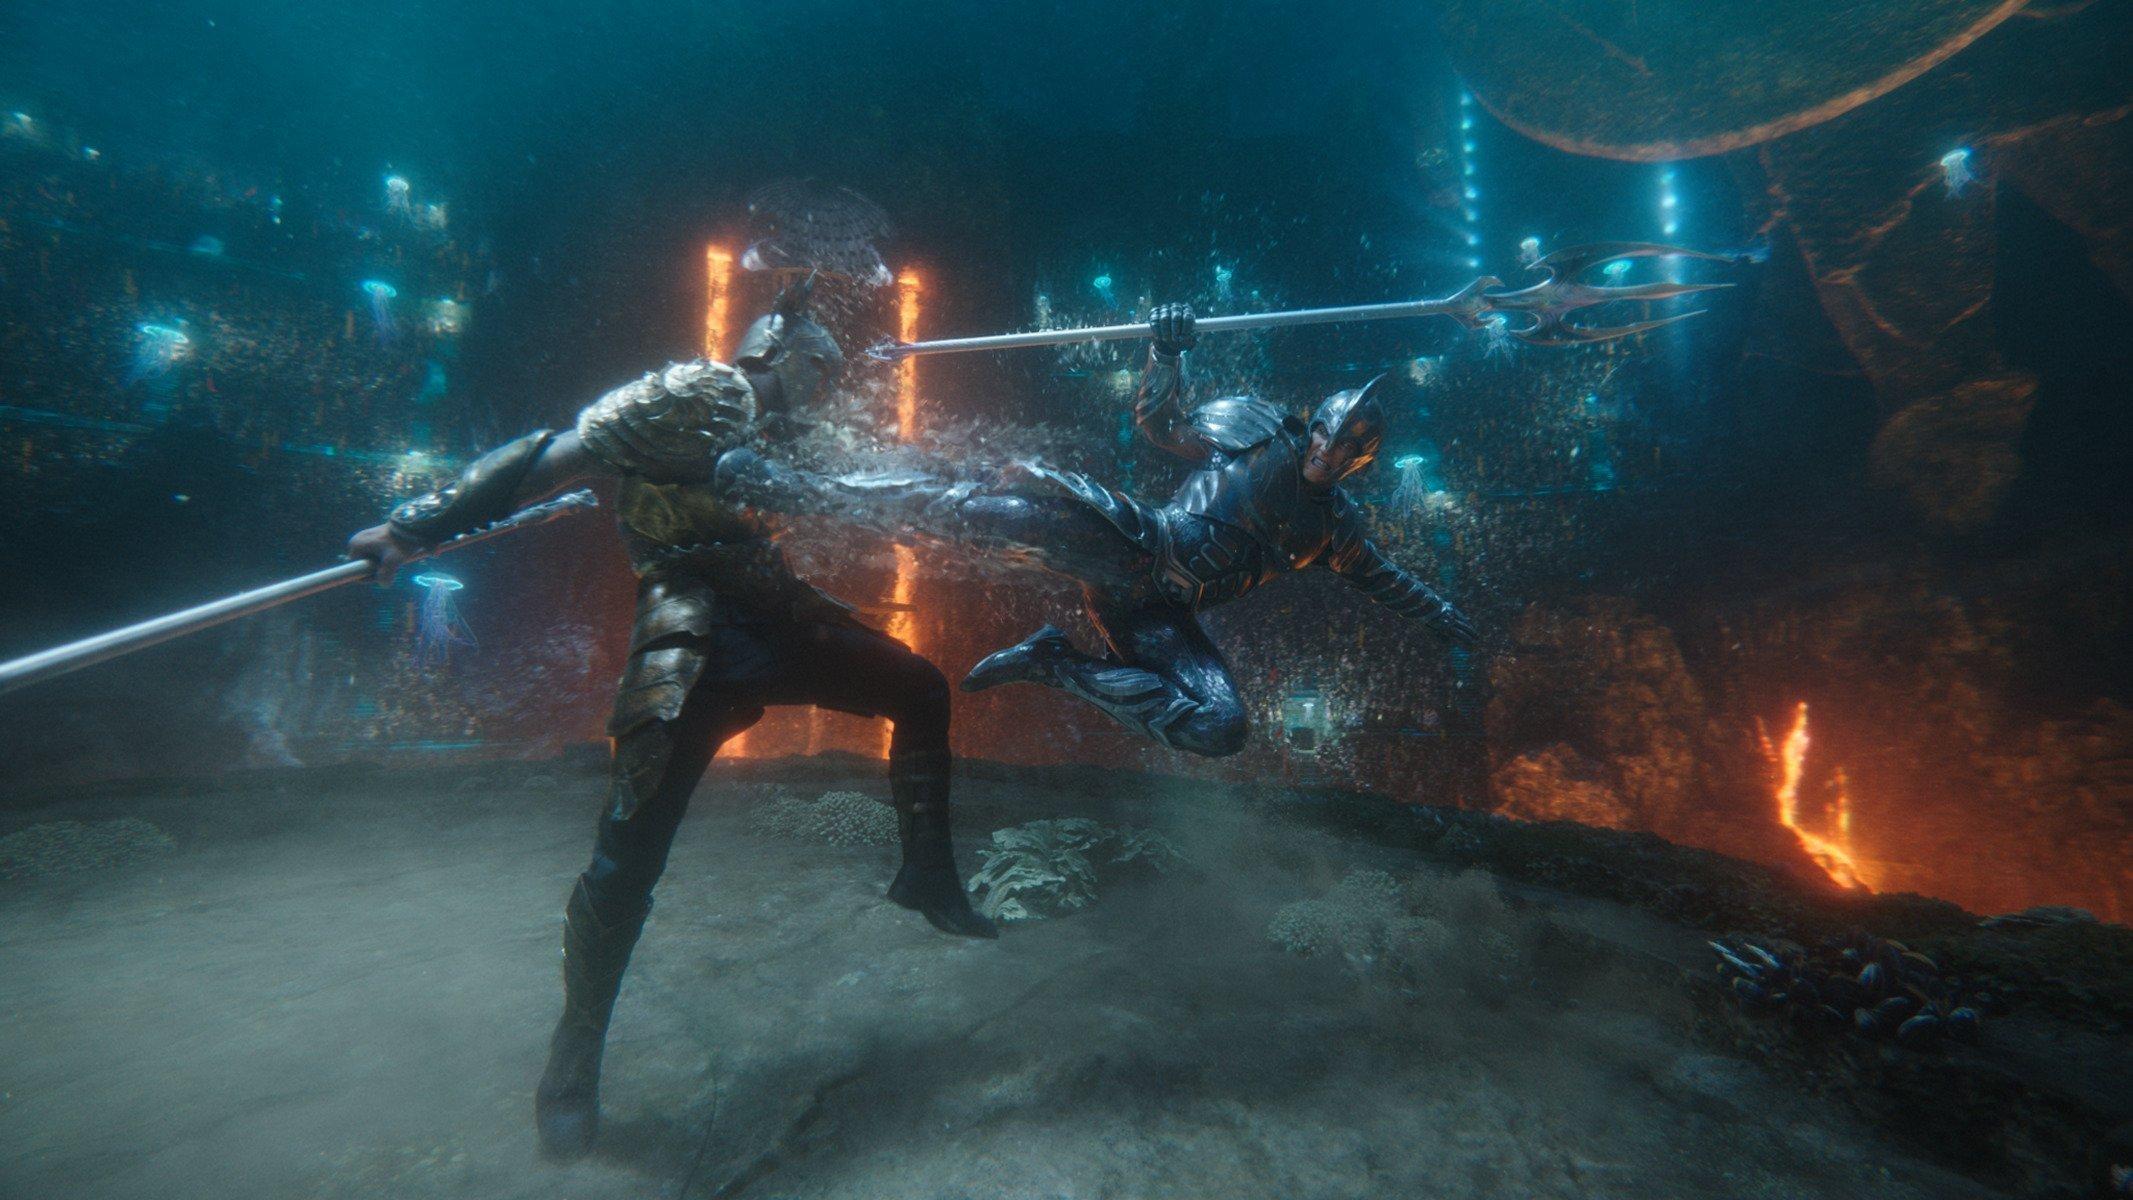 Photo du film Aquaman réalisé par James Wan présentant le combat de rois